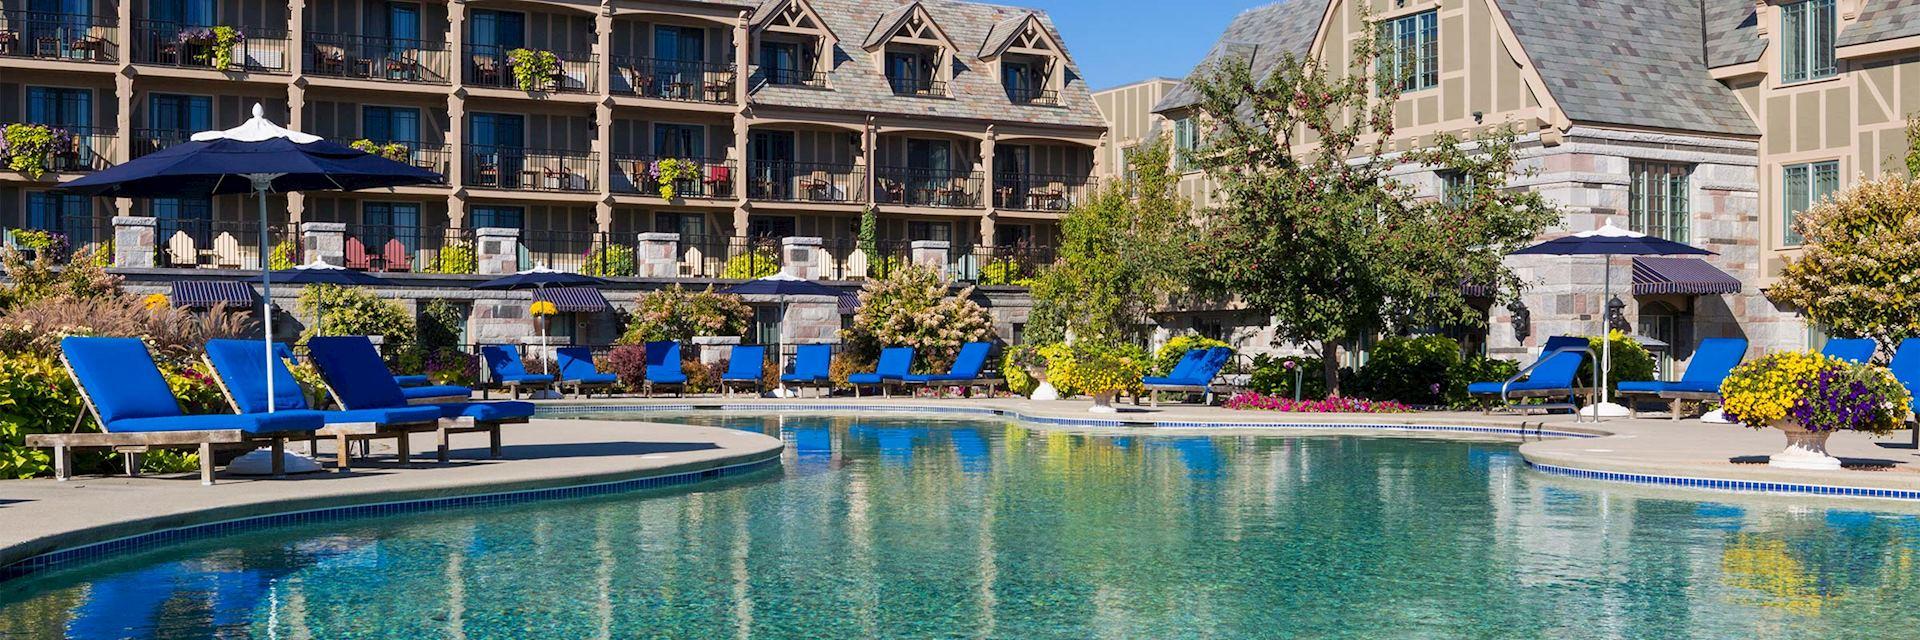 Harborside Hotel, Spa & Marina